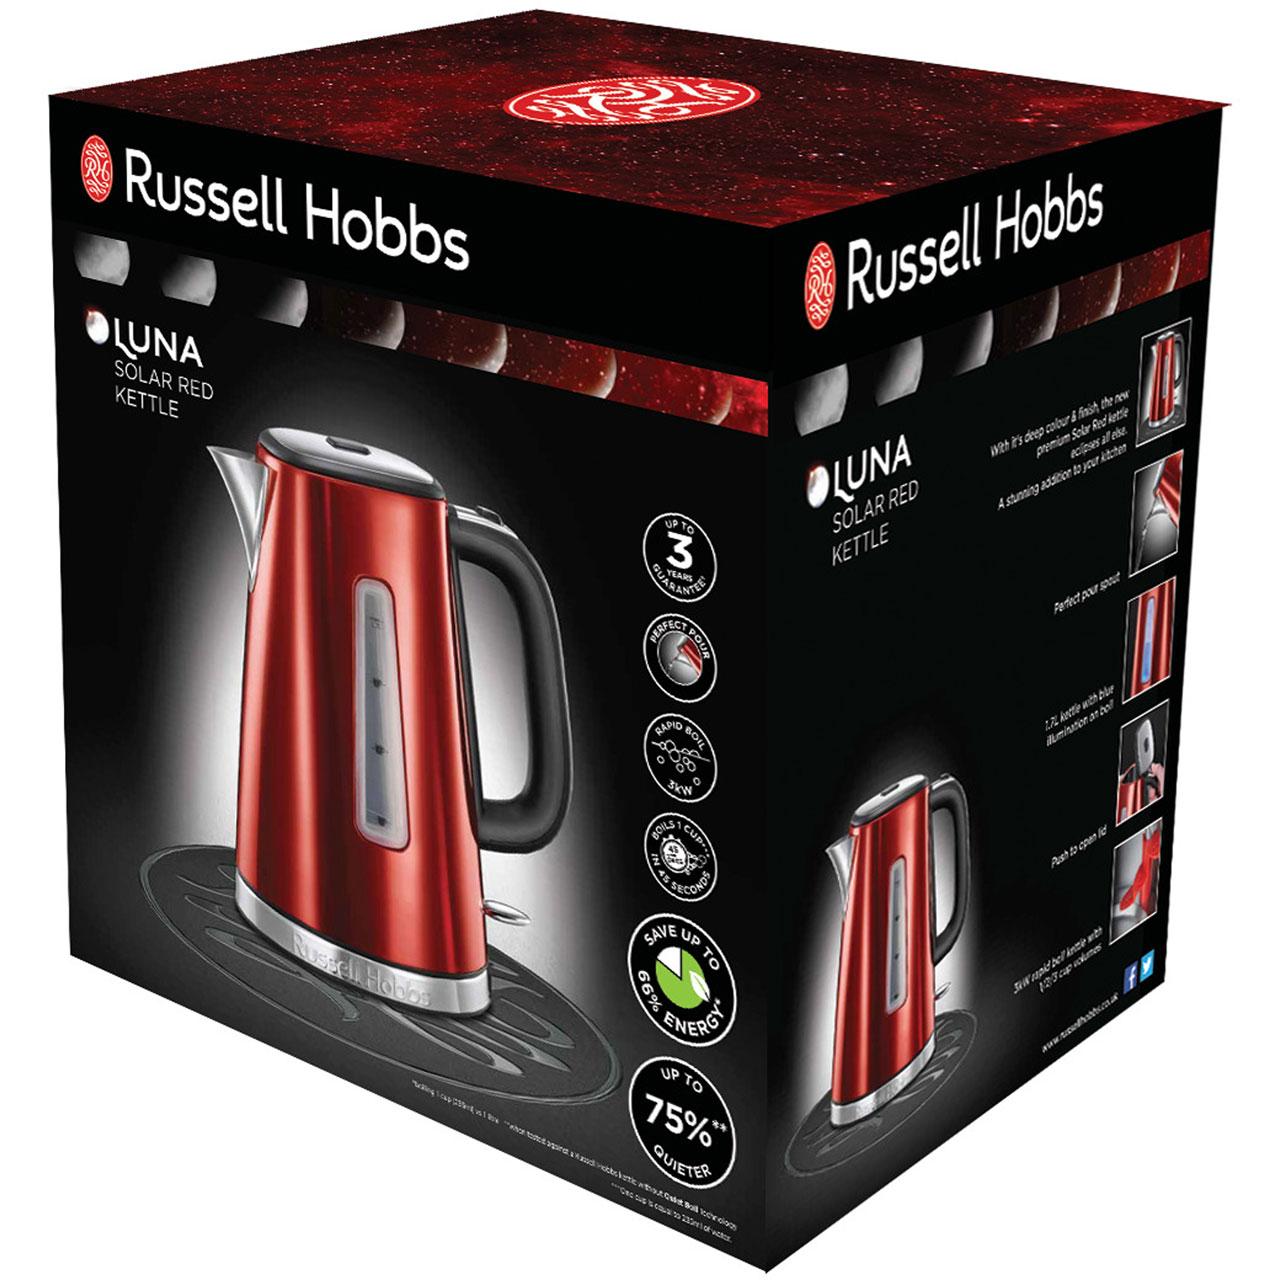 Russell Hobbs 23211 Luna Quiet